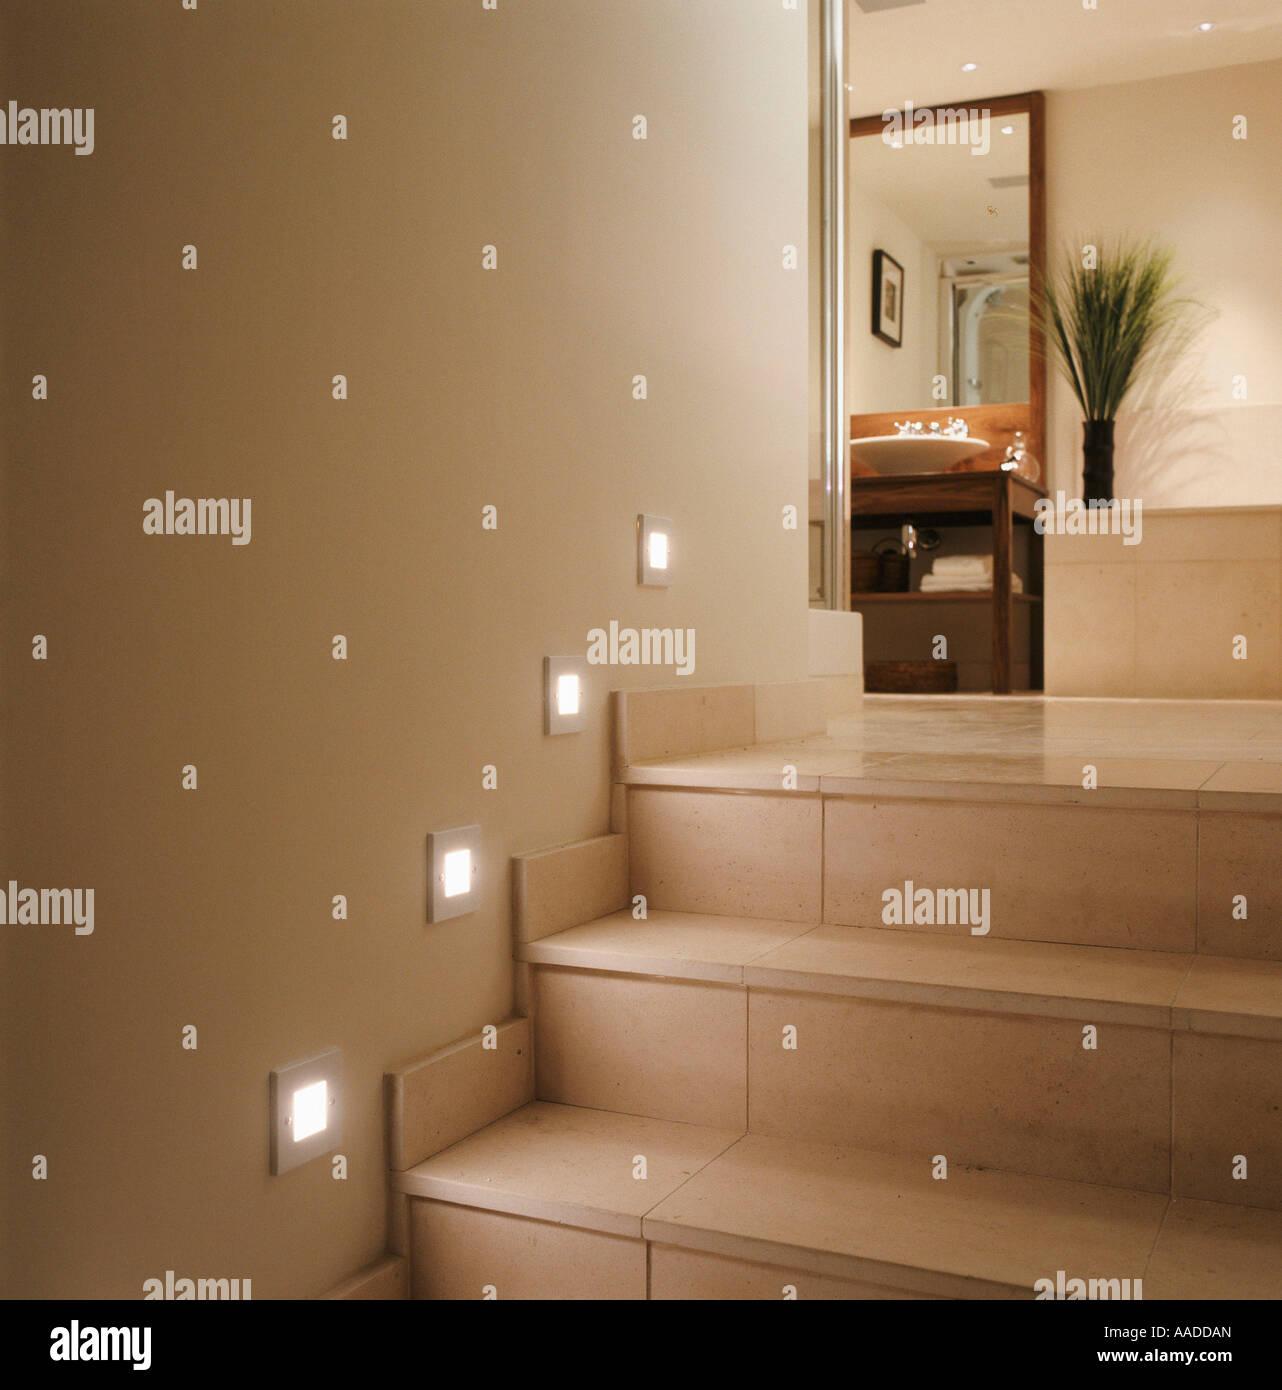 Clairage spot sur sol carrel escalier pour salle de bains banque d 39 images photo stock - Eclairage spot salle de bain ...